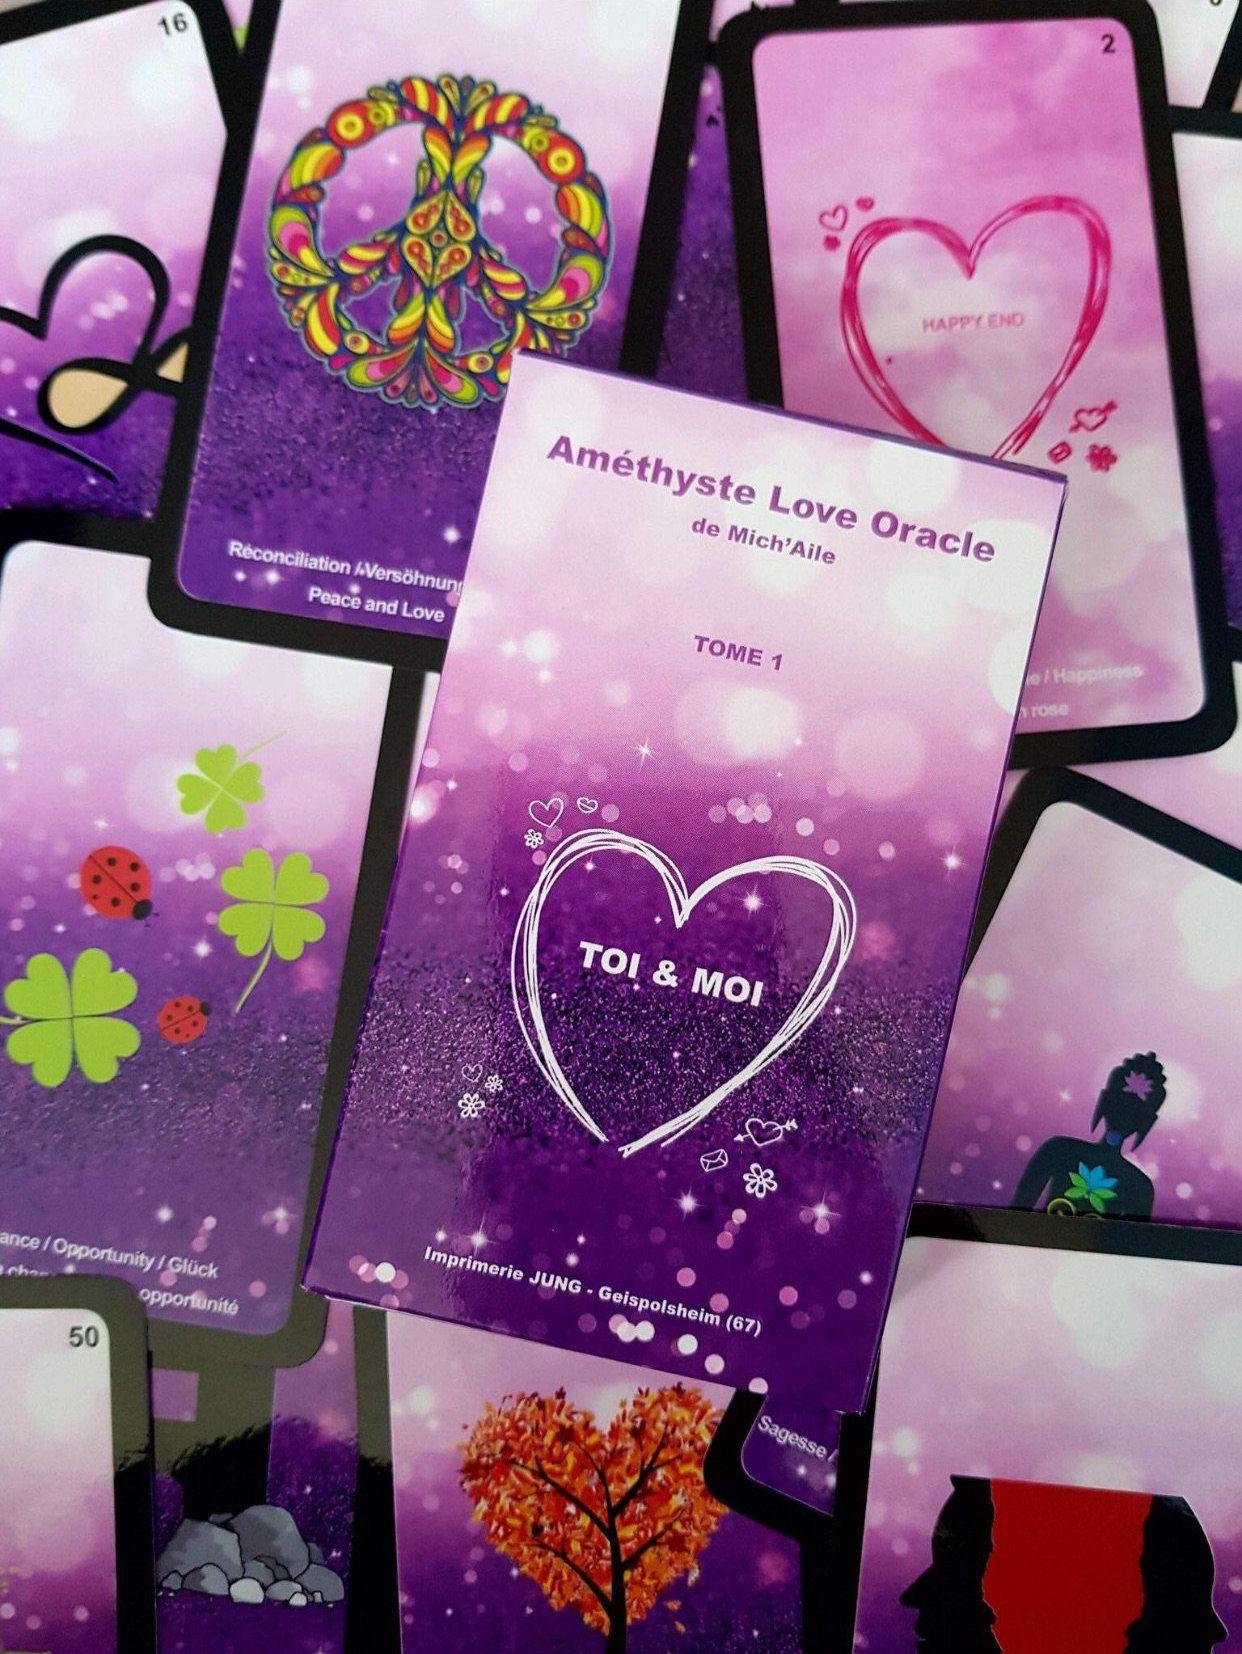 Michailelovetarot in 2020 love oracle peace love tarot